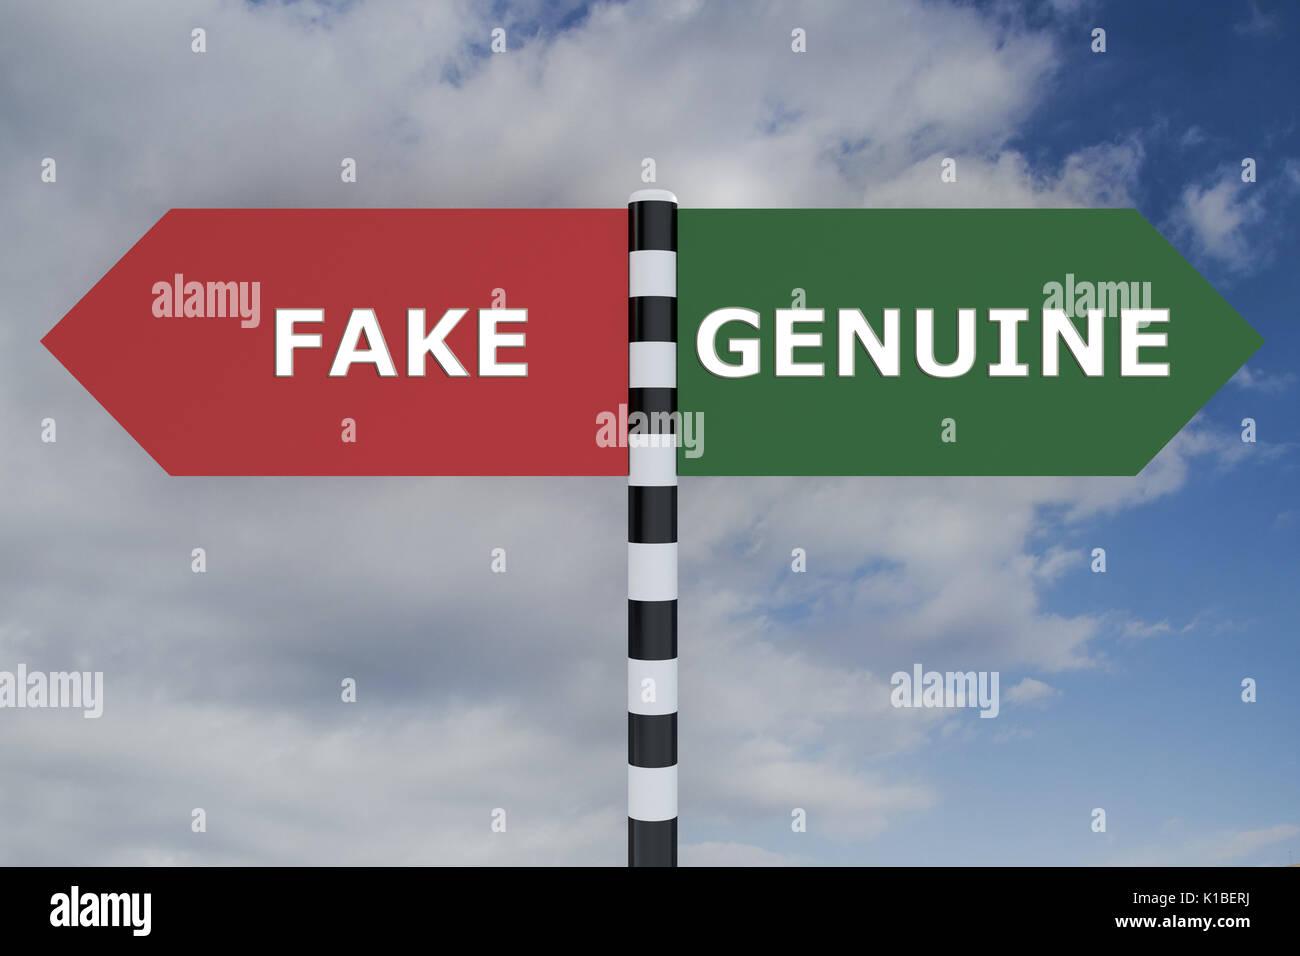 Genuine Fake Stock Photos & Genuine Fake Stock Images - Alamy